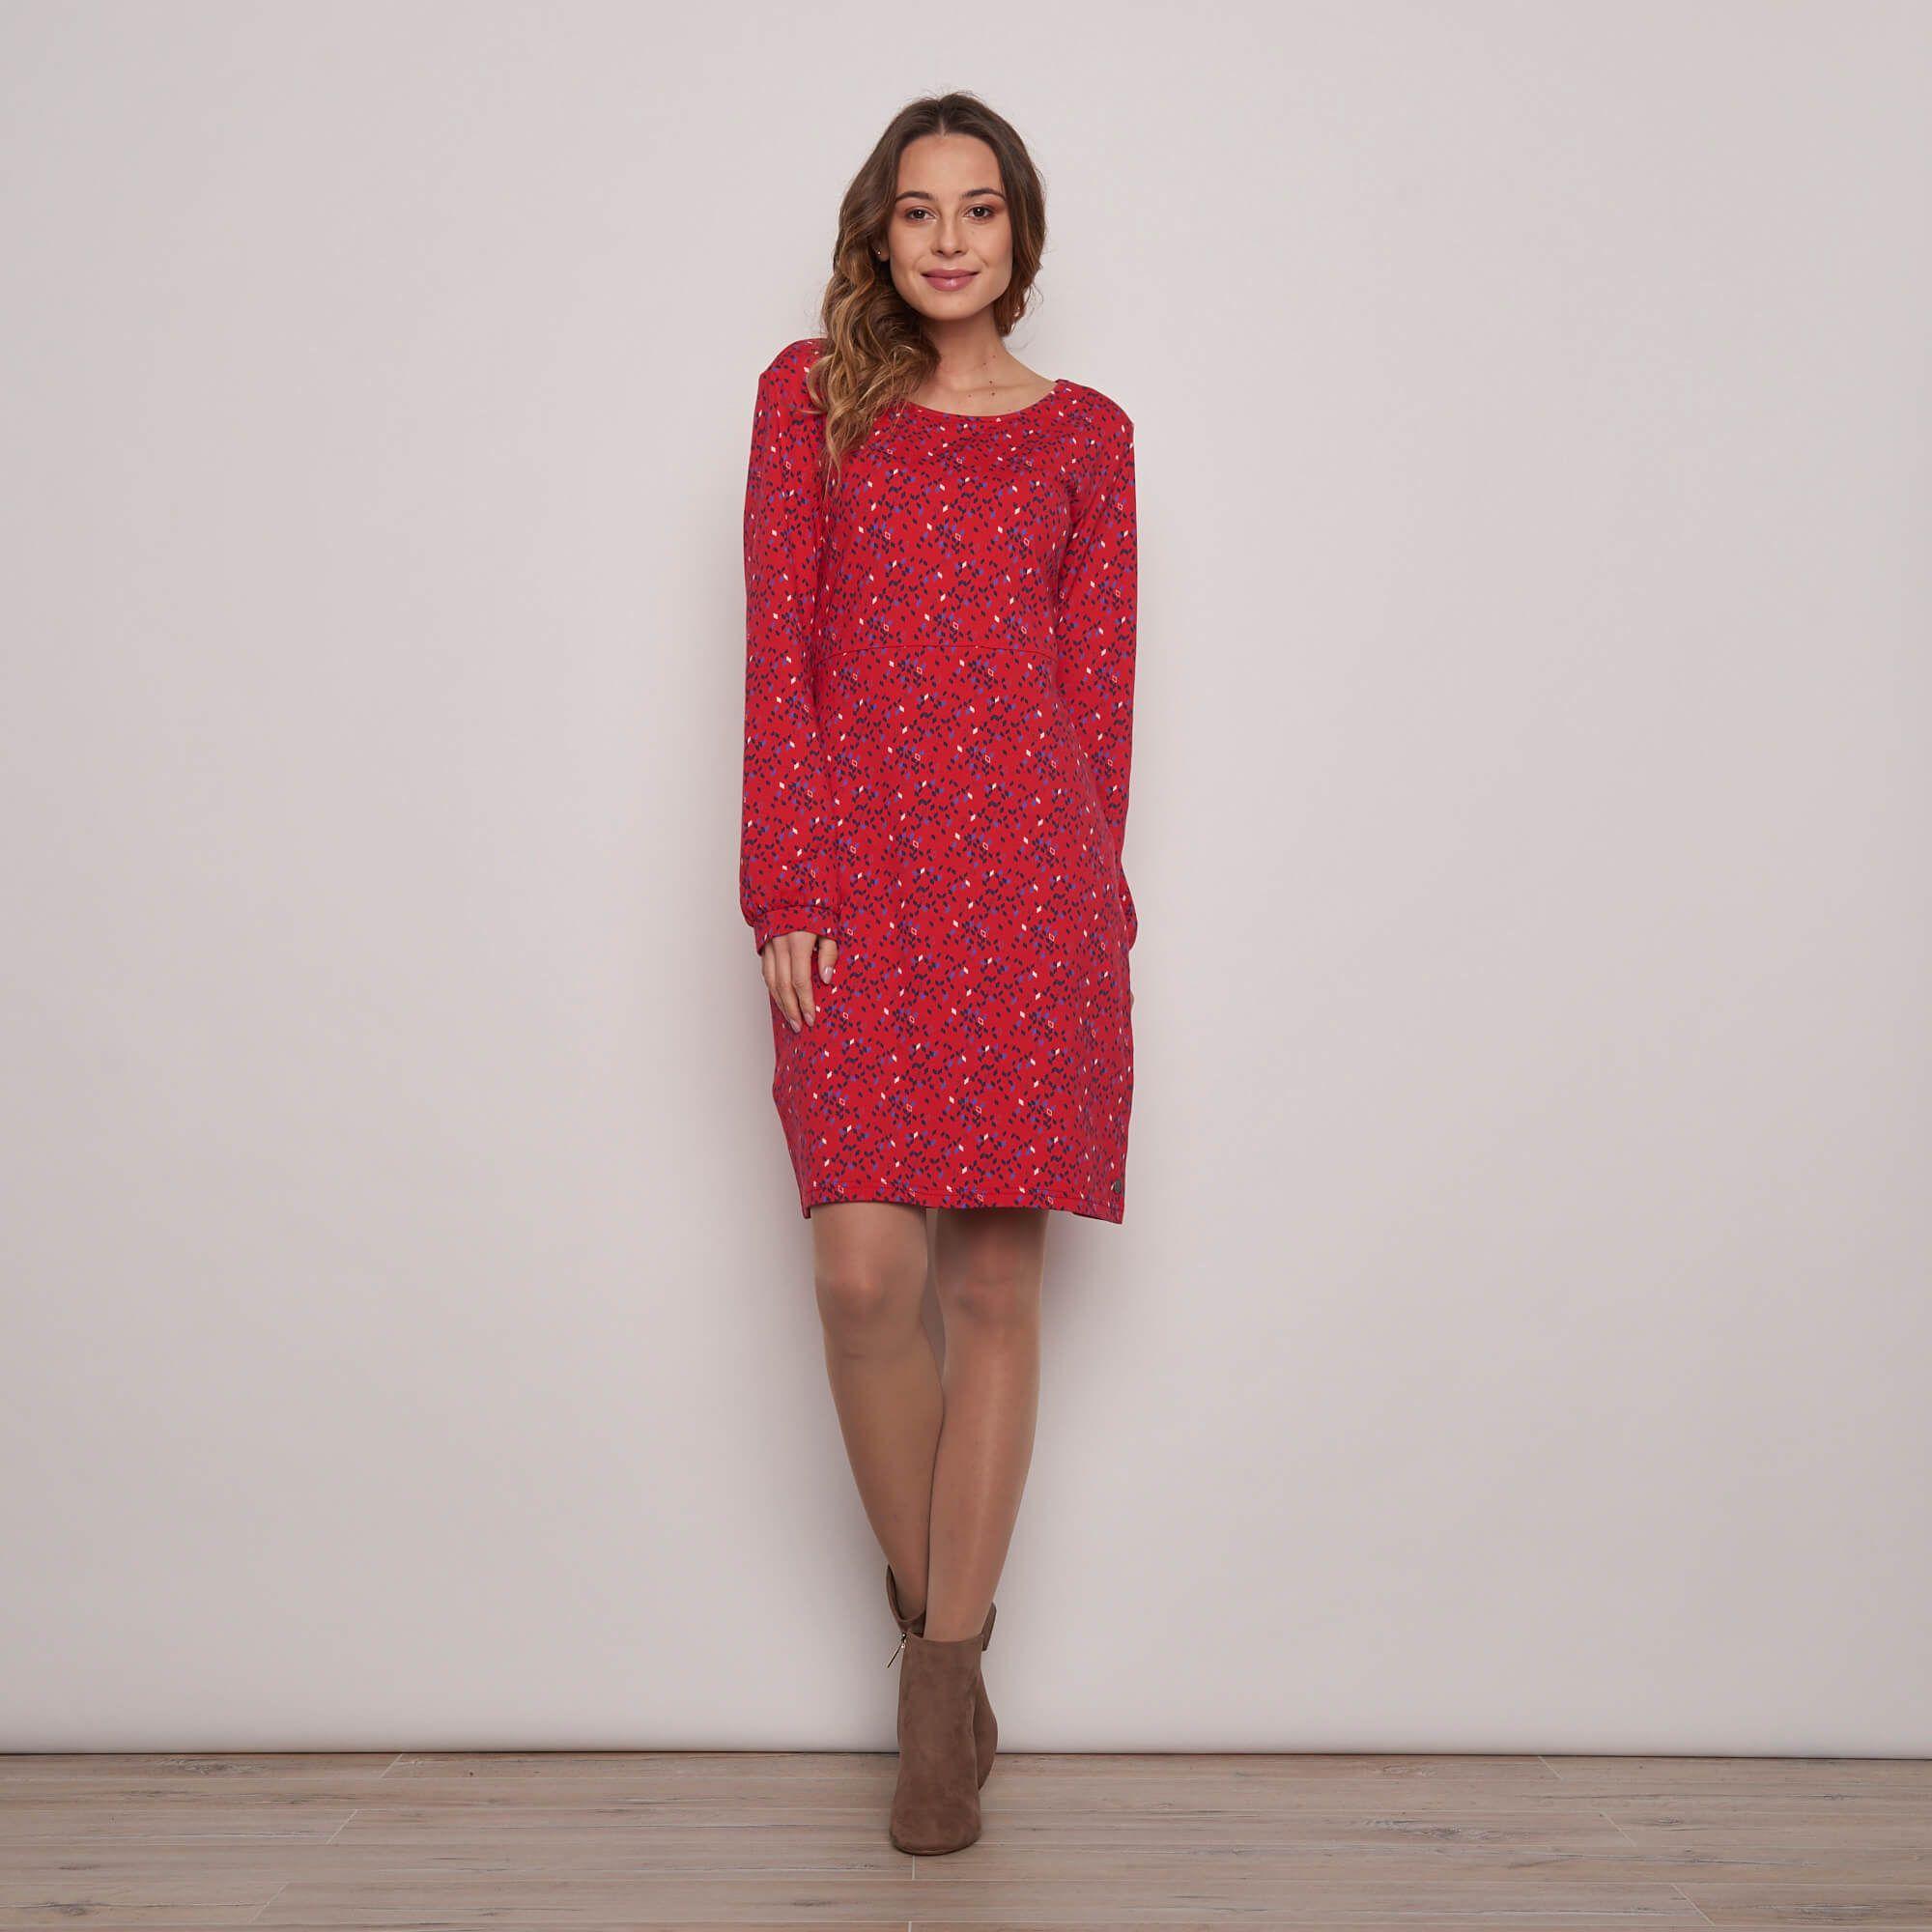 22+ Kleid Damen Elegant Winter Stil - Givil Lardo